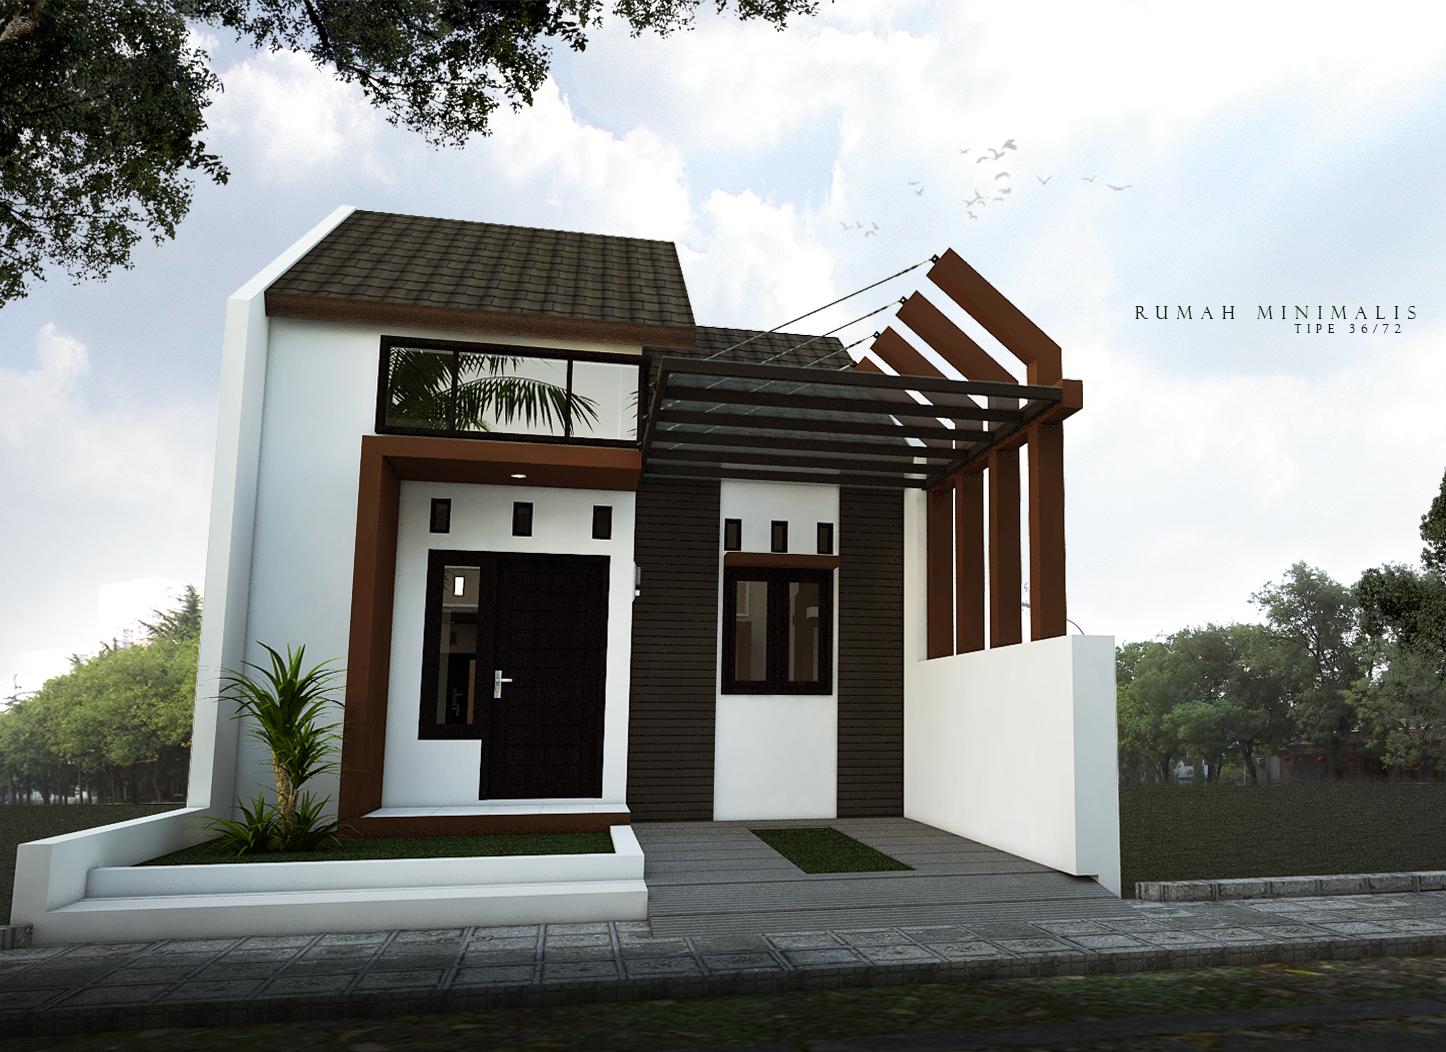 desain rumah minimalis type 90 pt architectaria media